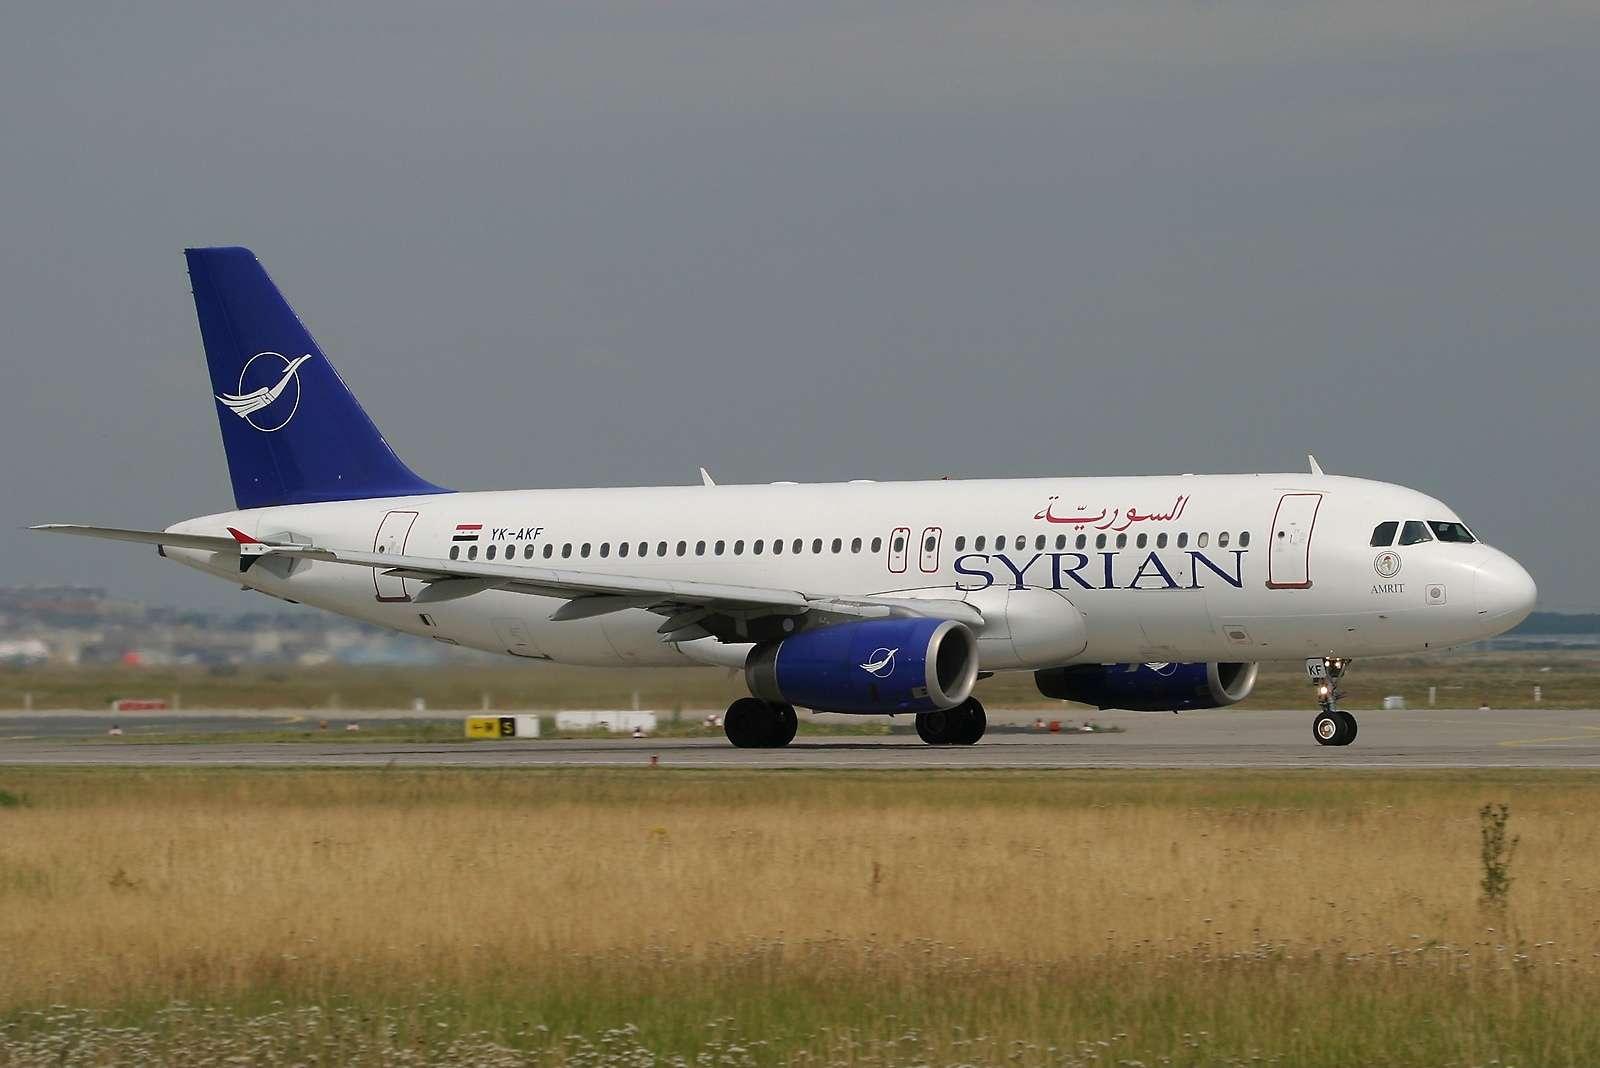 سوريا تنفي سقوط طائرة ركاب في المتوسط, صحيفة عربية -بروفايل نيوز